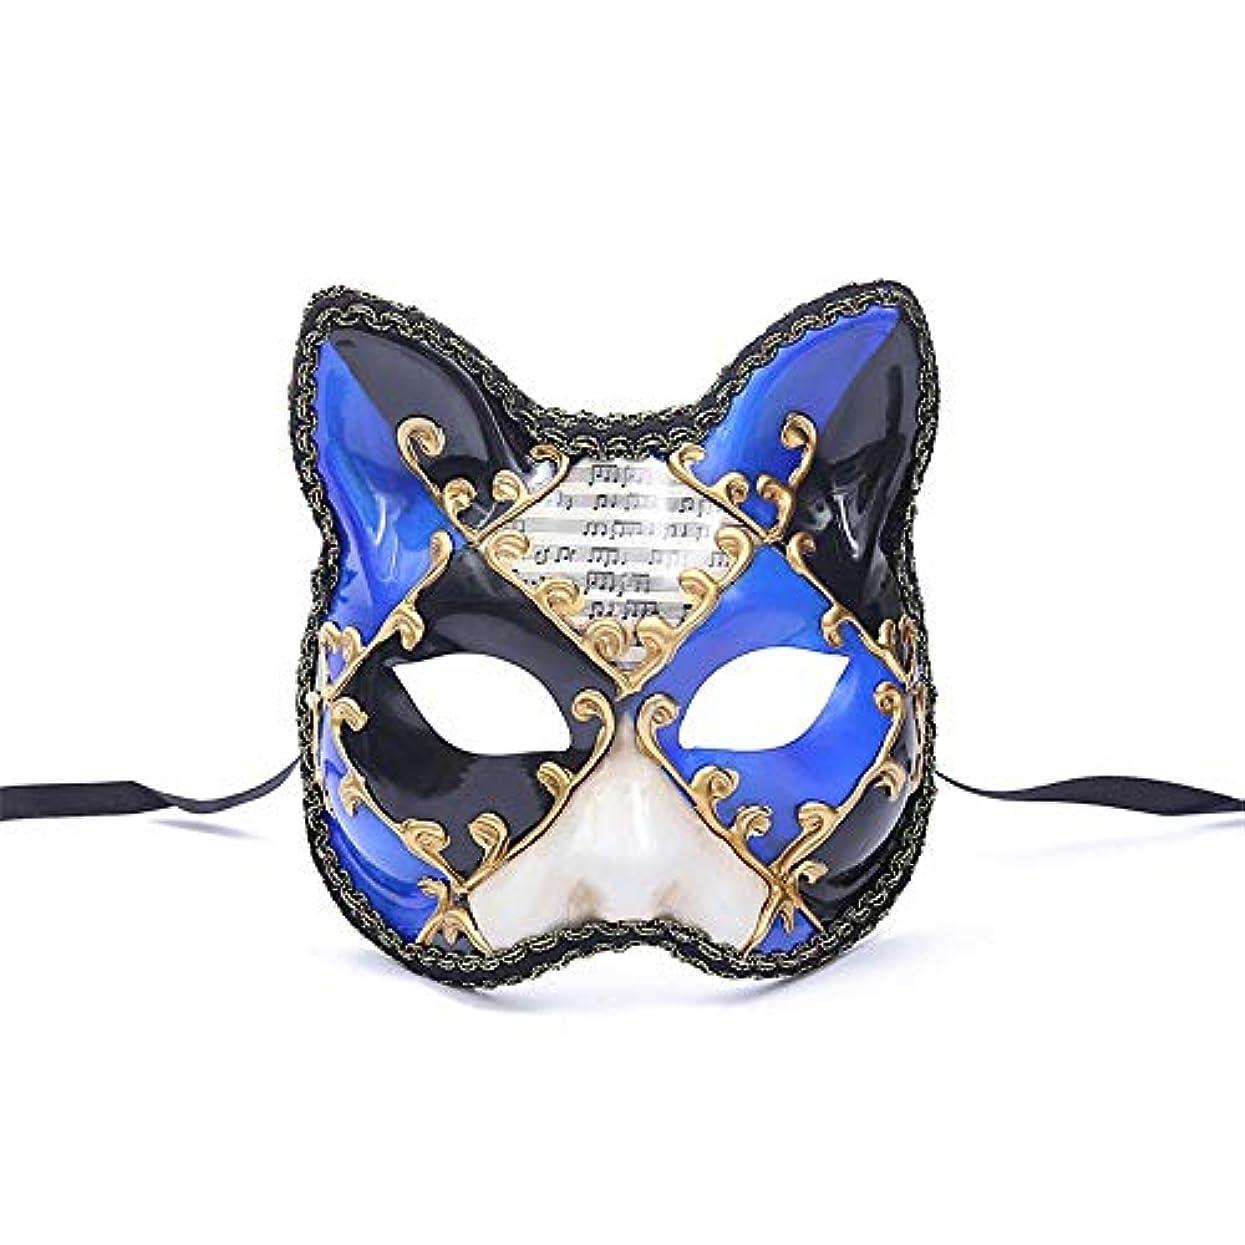 最もしなければならないティームダンスマスク 大きな猫アンティーク動物レトロコスプレハロウィーン仮装マスクナイトクラブマスク雰囲気フェスティバルマスク ホリデーパーティー用品 (色 : 青, サイズ : 17.5x16cm)